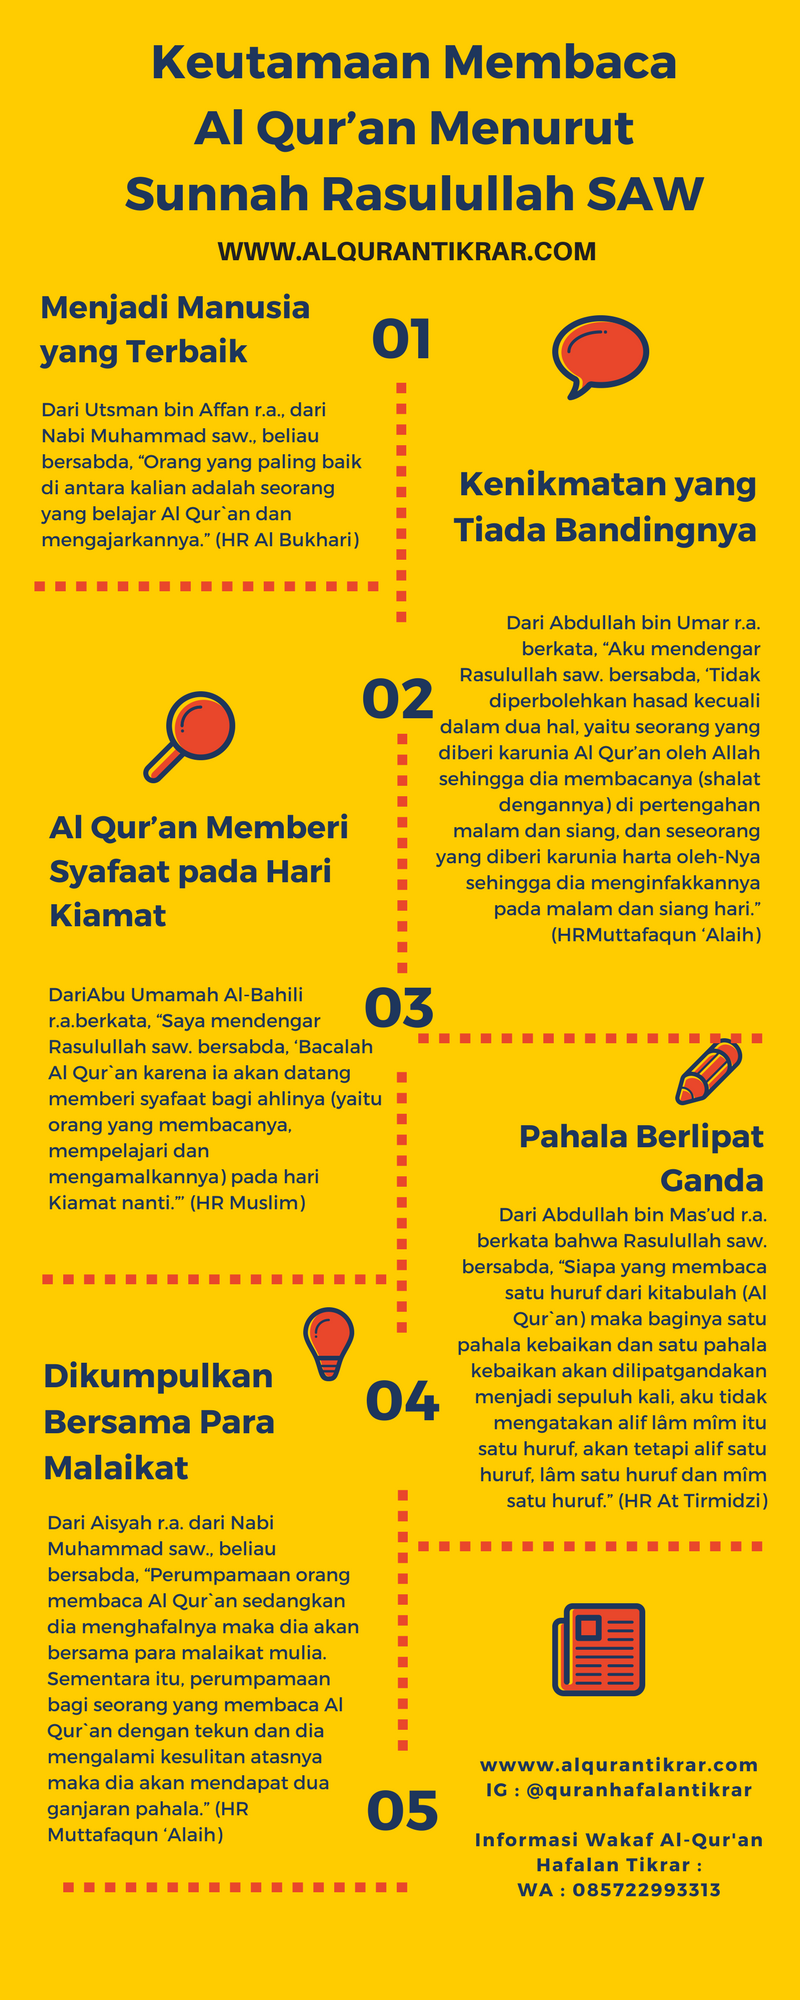 Infografis 5 Keutamaan Membaca Al Quran Menurut Sunnah Rasulullah SAW